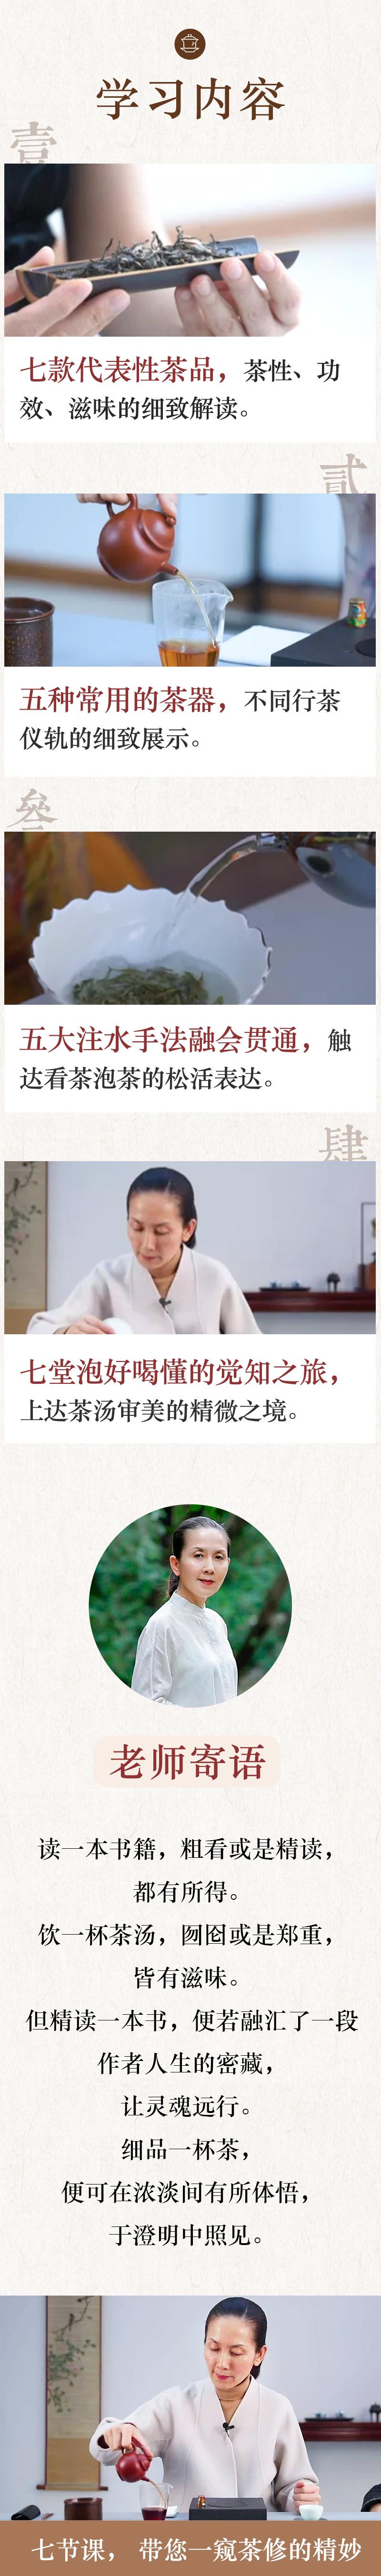 王琼新课_03